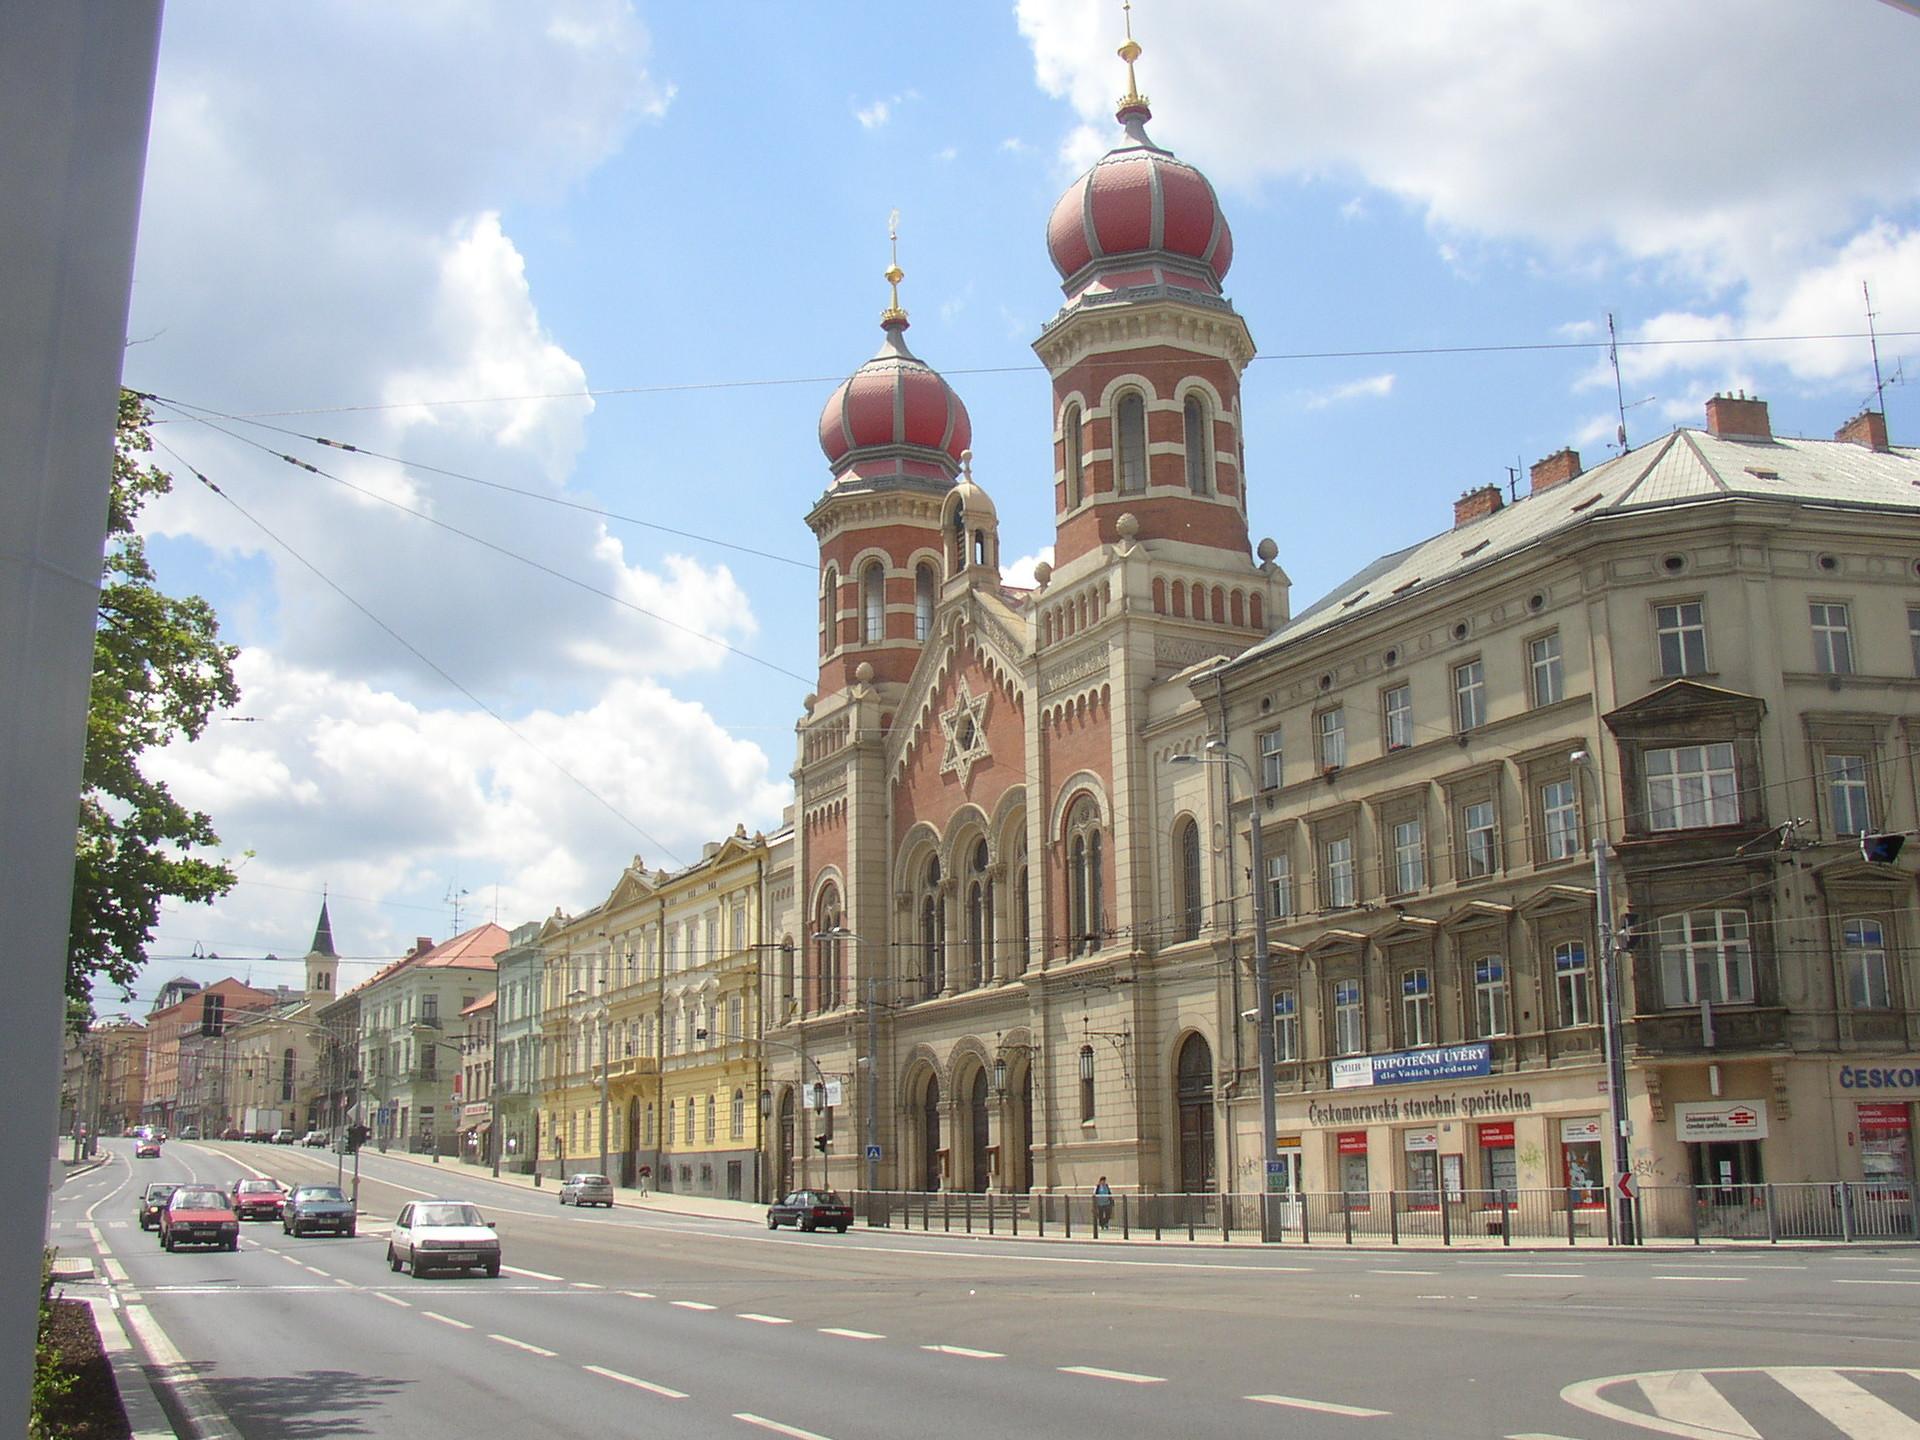 Doświadczenie Erasmus w Pilźnie, Czechy